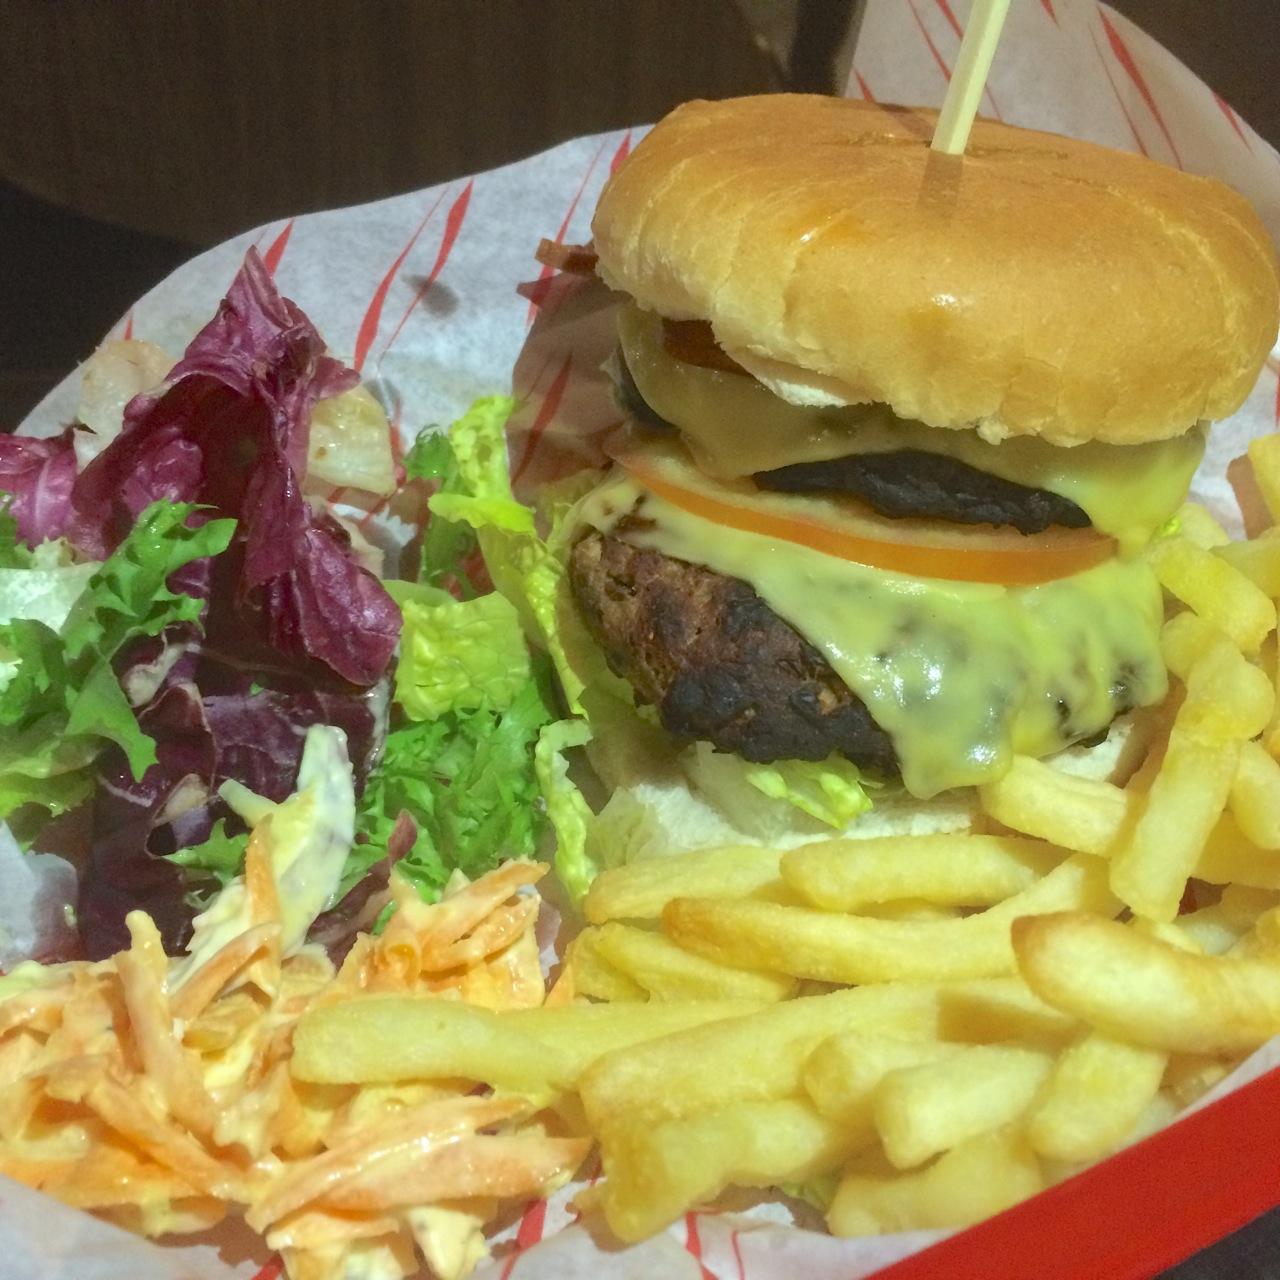 http://i2.wp.com/fatgayvegan.com/wp-content/uploads/2016/01/burger.jpg?fit=1280%2C1280